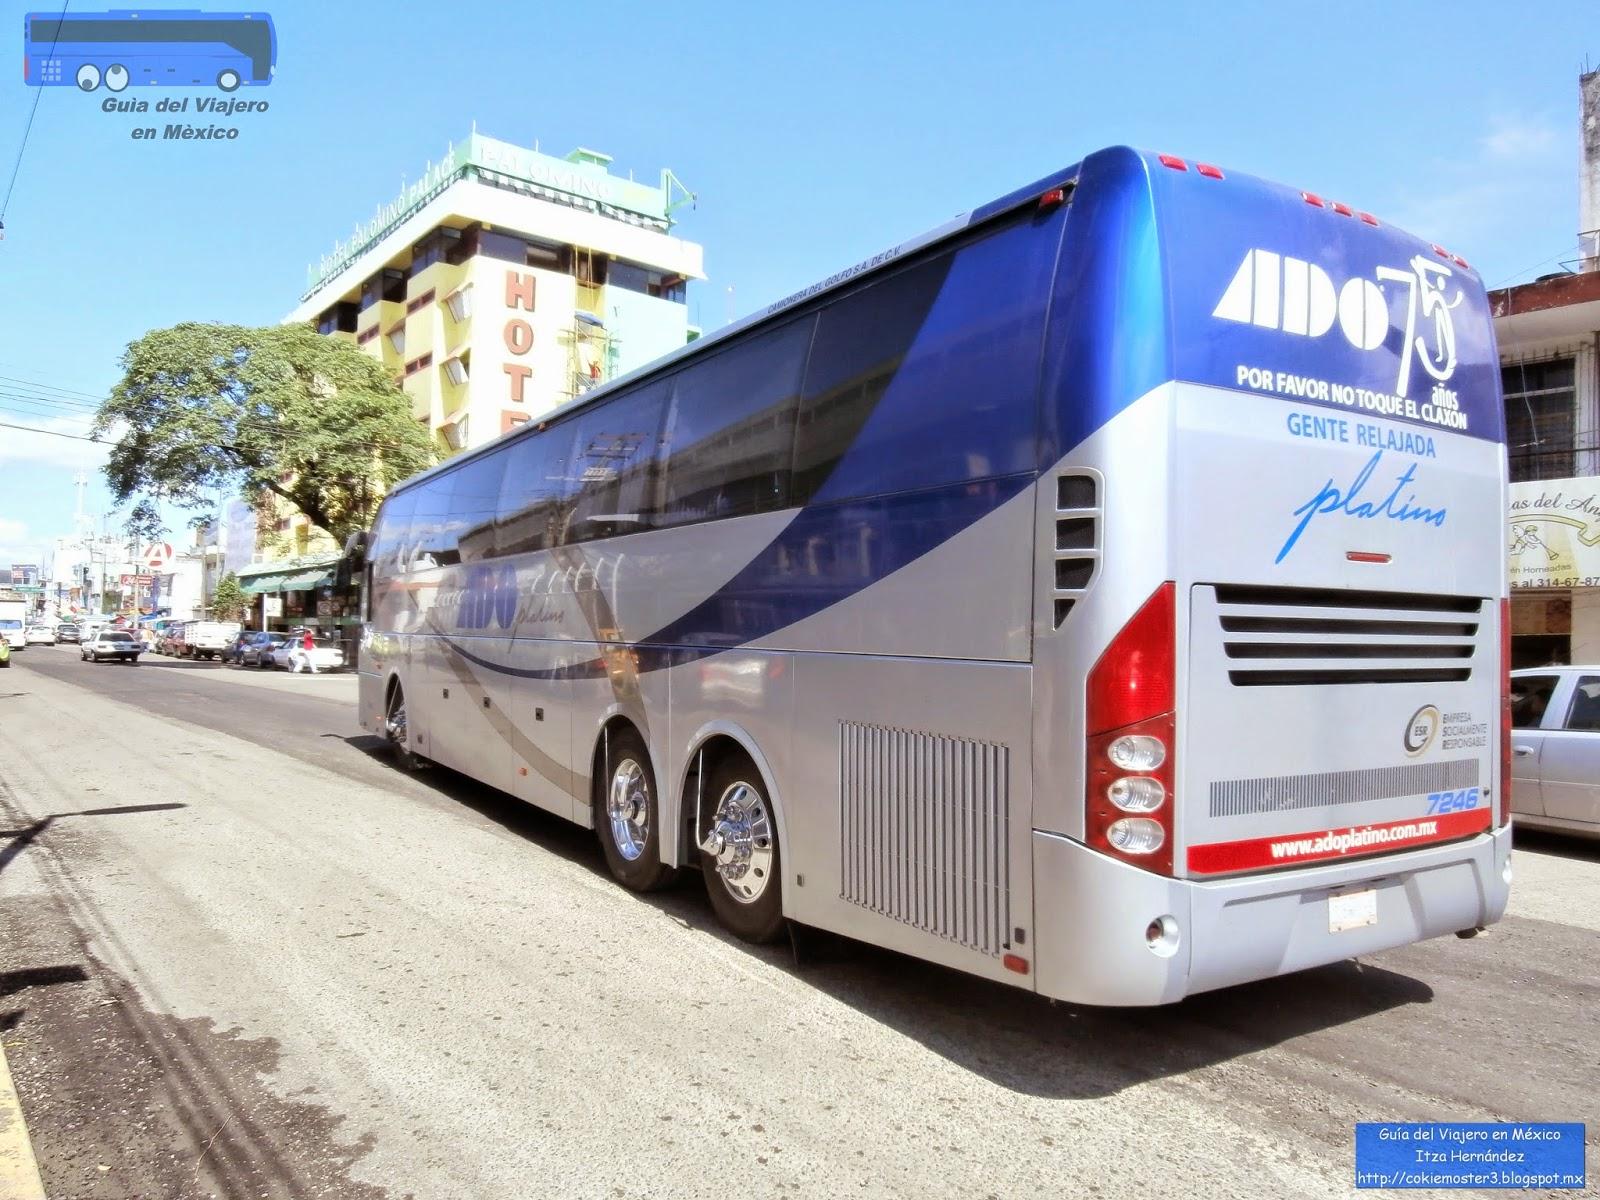 Ado Piso Wifi Wiring Diagram 4 Pin Mini Din Power Connections Guía Del Viajero En México Las Líneas De Autobús Lujo